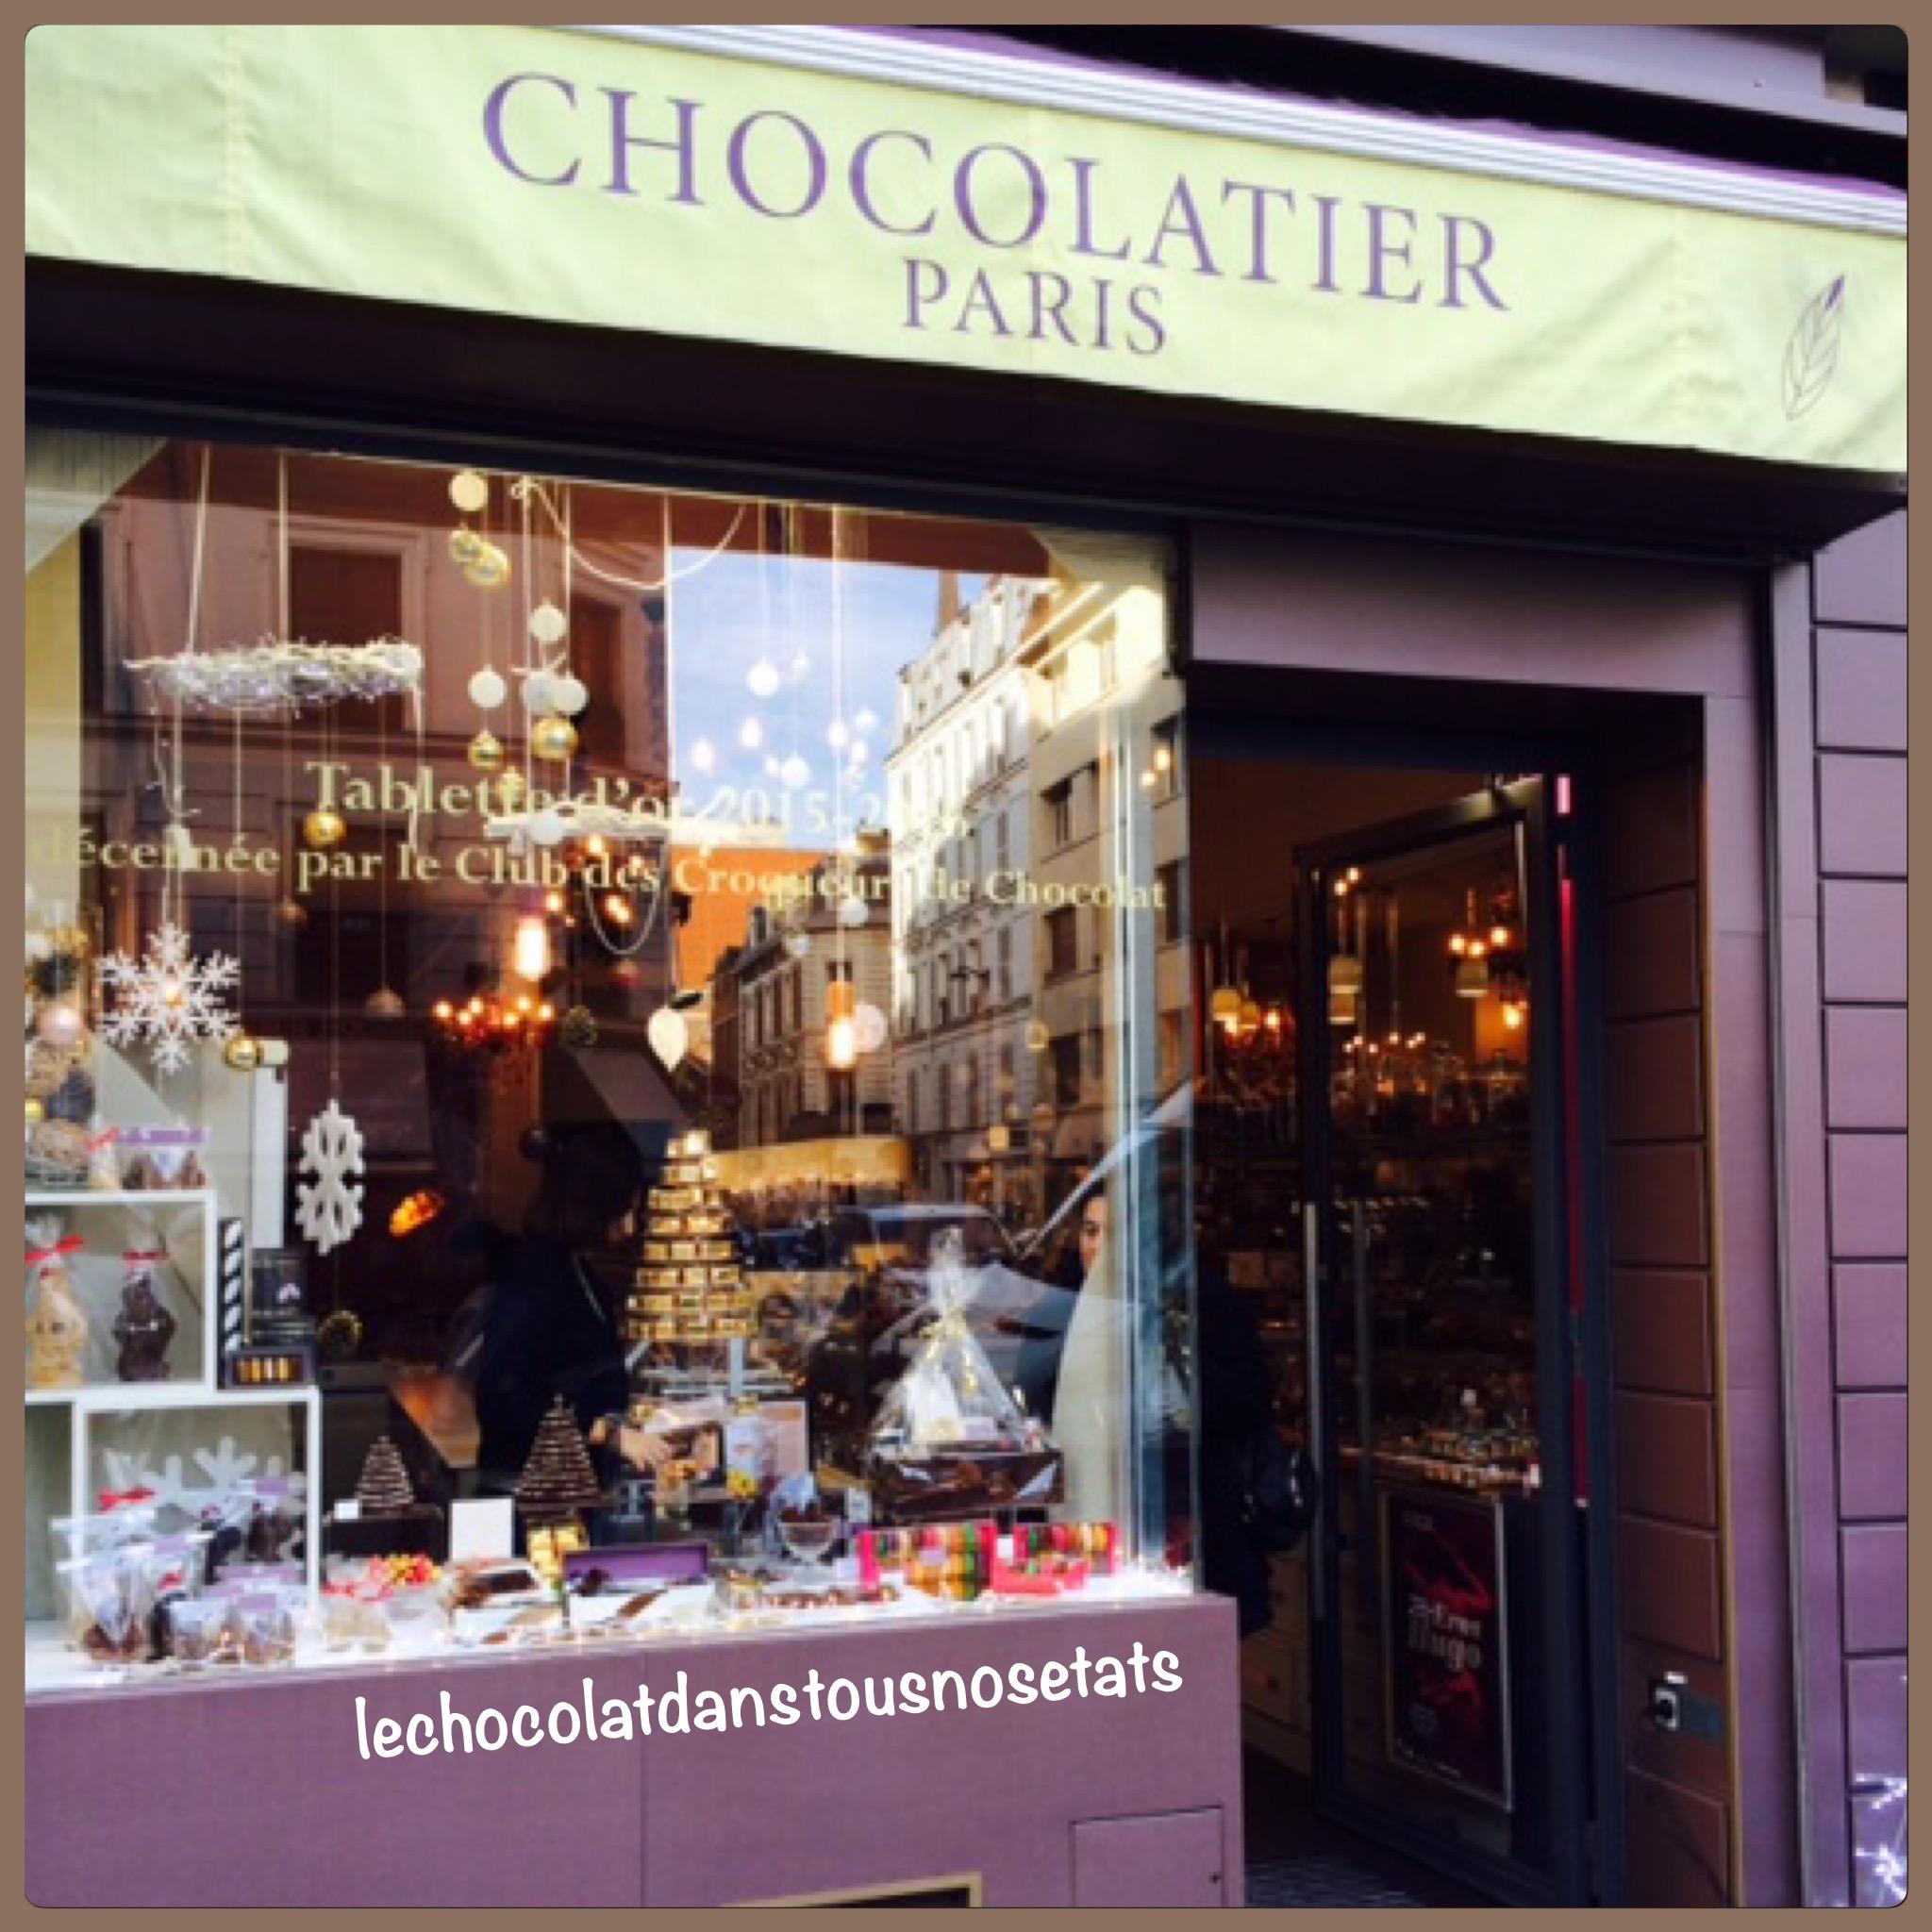 Rencontre avec Didier Fourreau, Maître Chocolatier à Paris